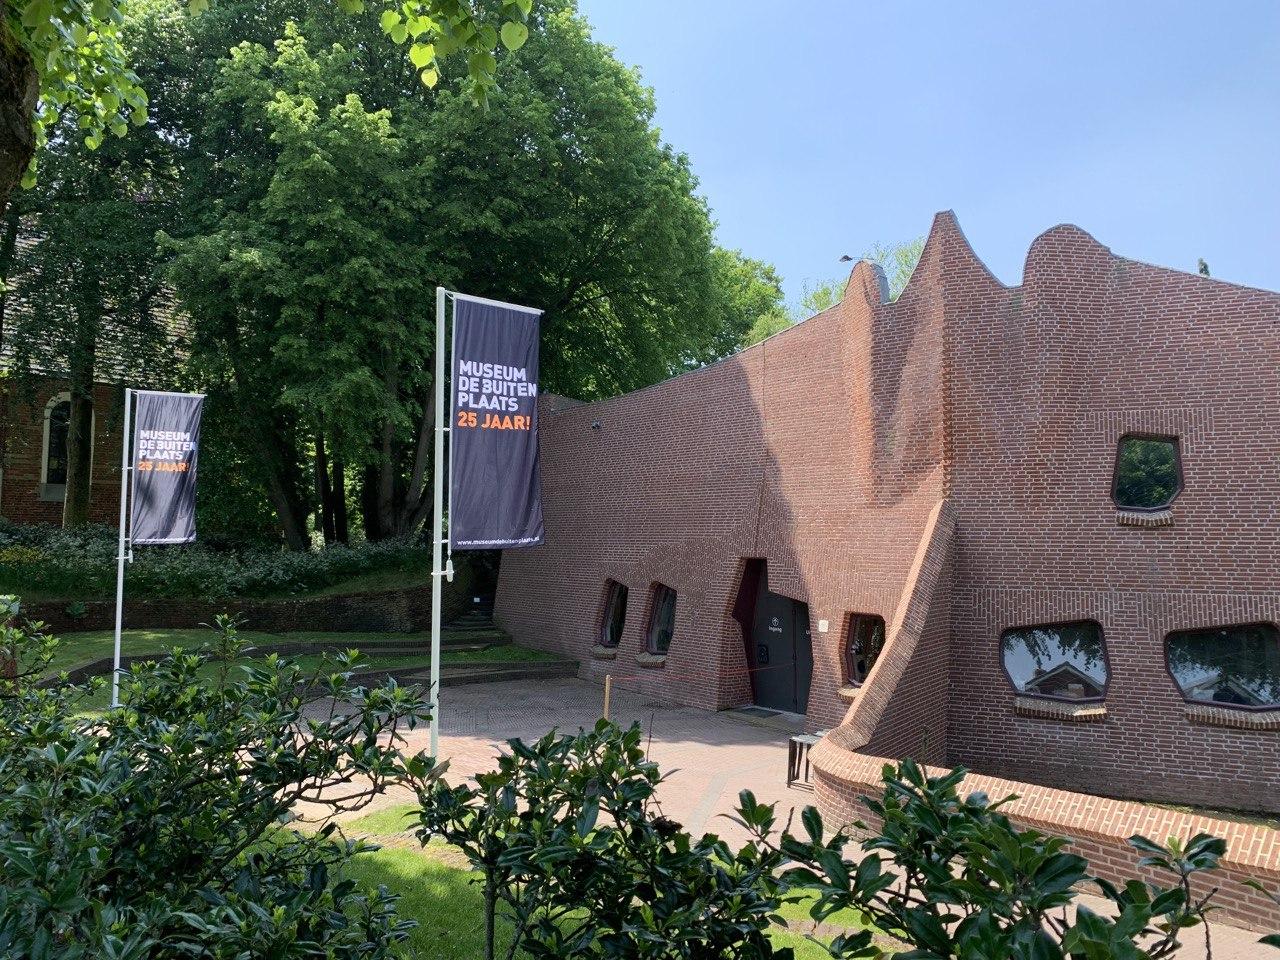 Entree Museum De Buitenplaats in Eelde